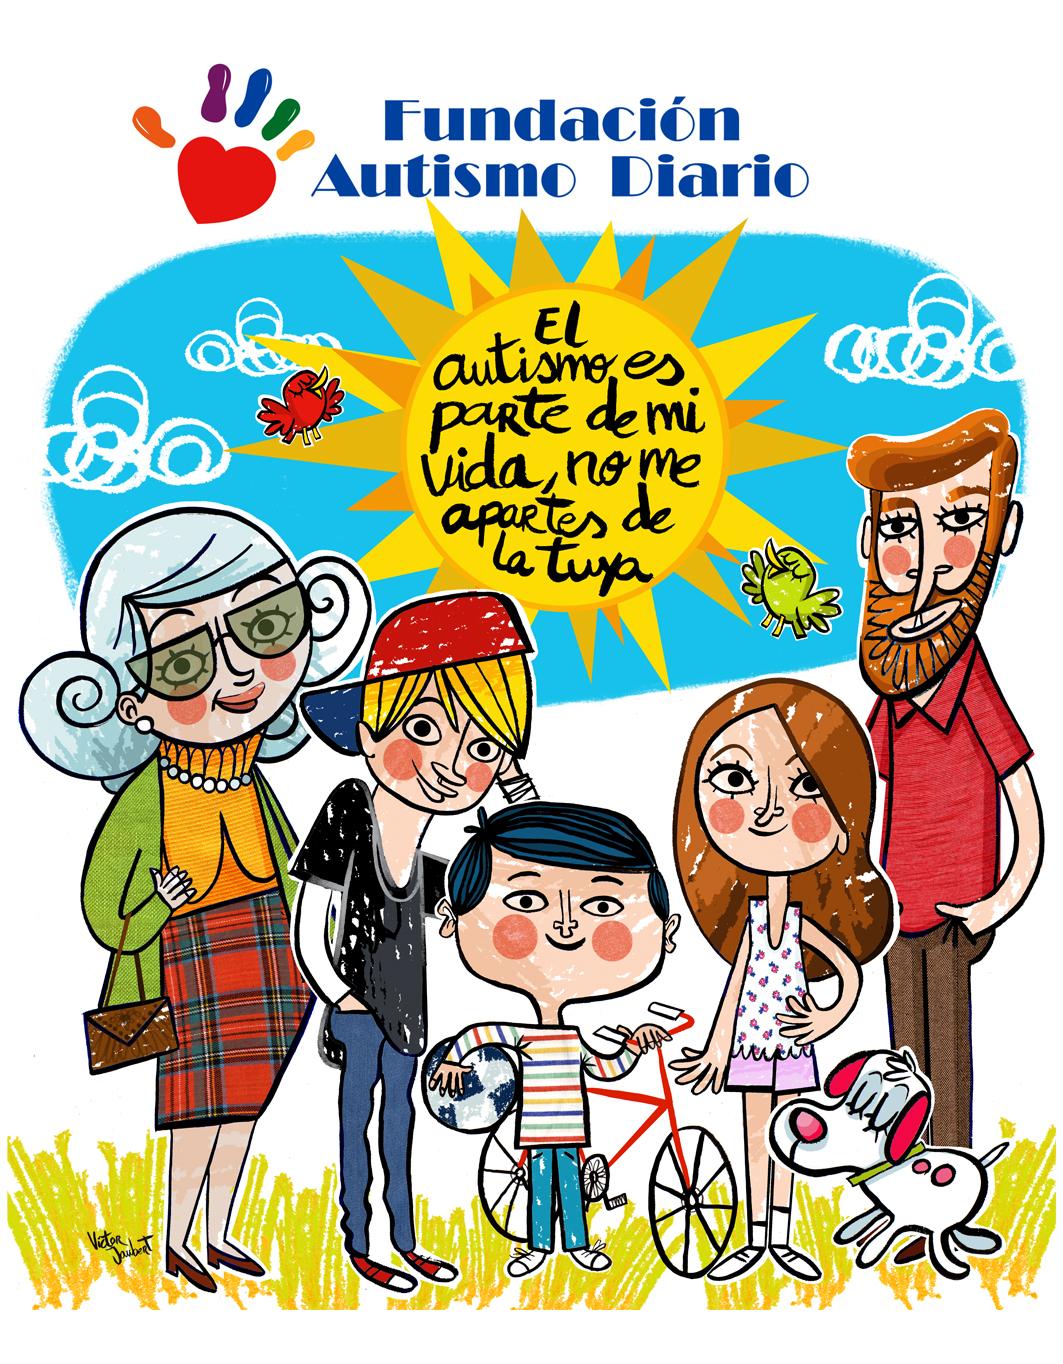 Campaña para Fundación Autismo Diario en Canarias.